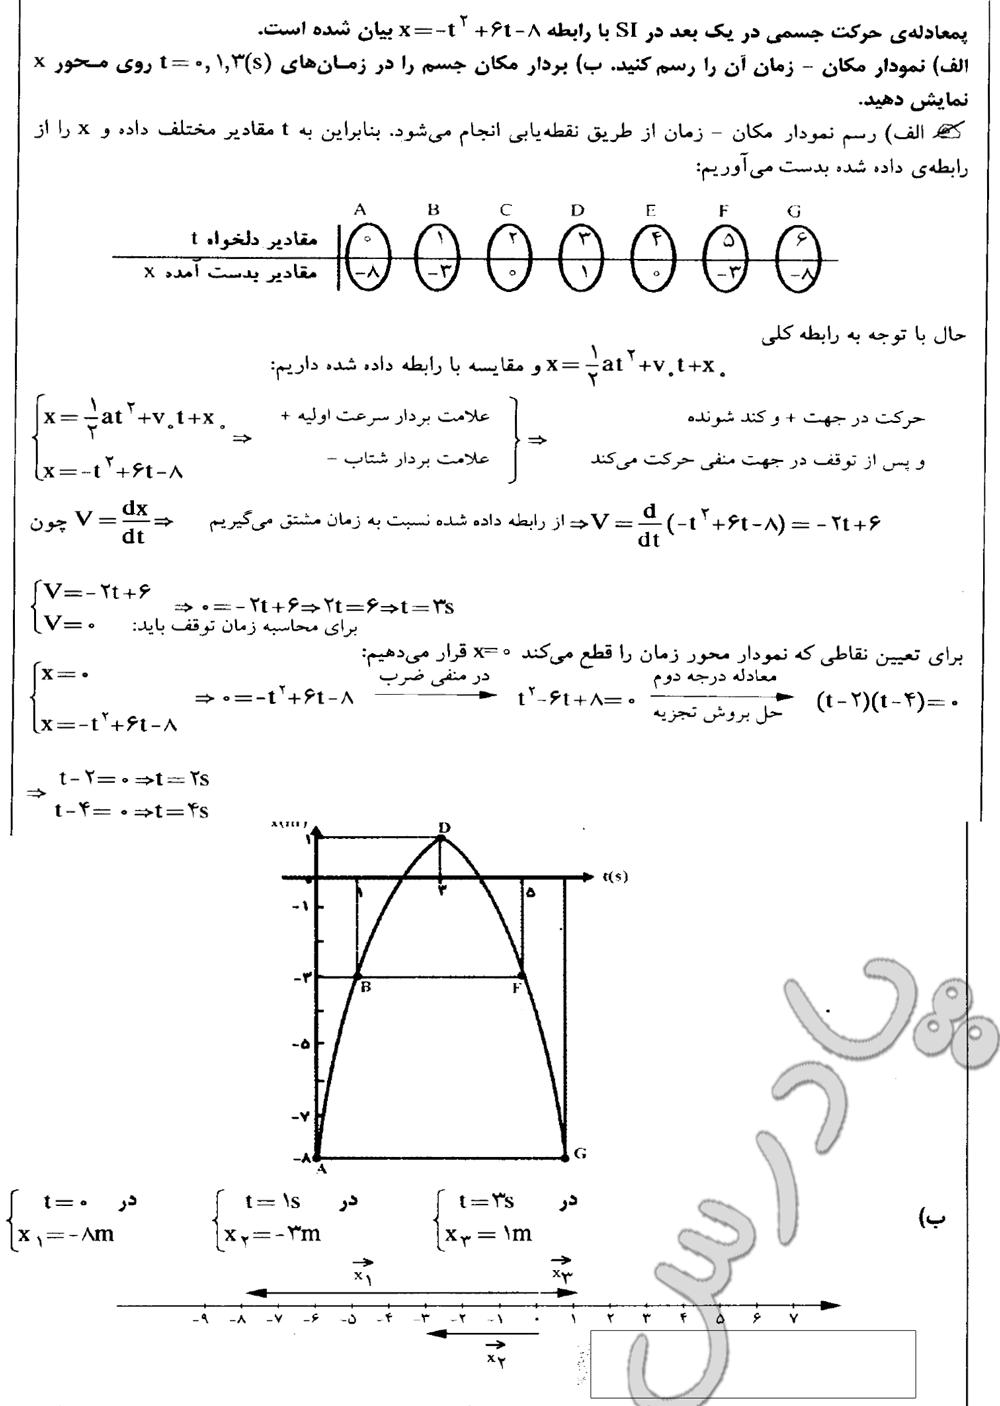 حل تمرین 1 صفحه3 فصل اول فیزیک پیش ریاضی